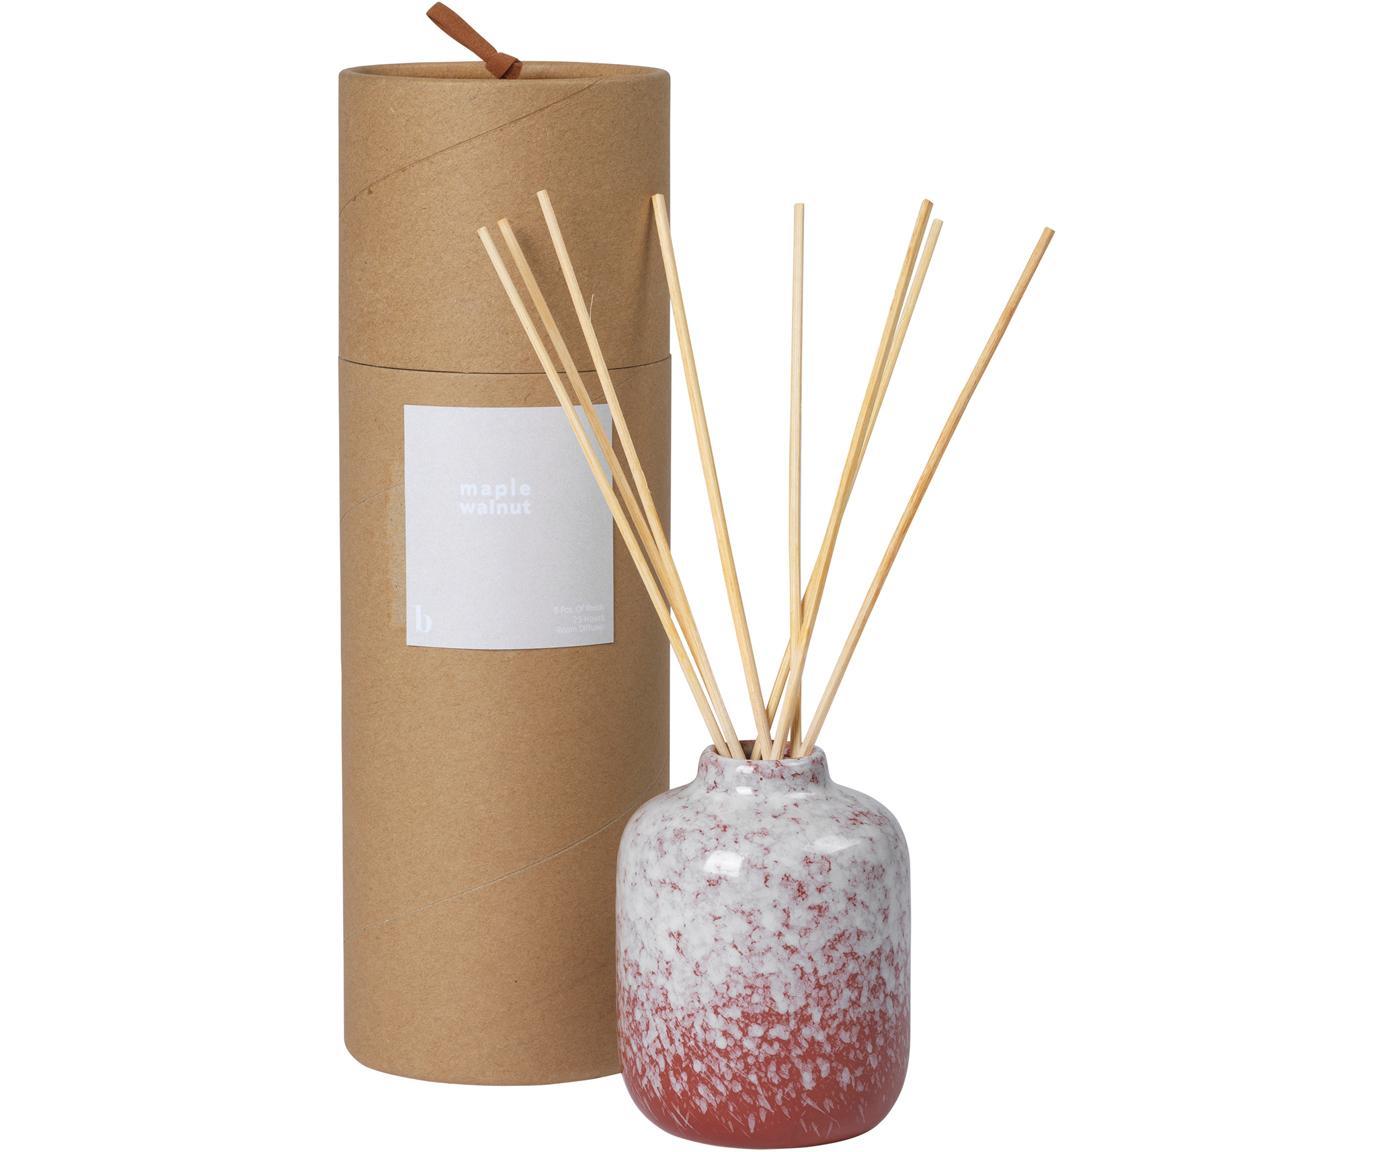 Diffusore Maple Walnut, Contenitore: ceramica, Rosso, bianco, Ø 7 x Alt. 9 cm